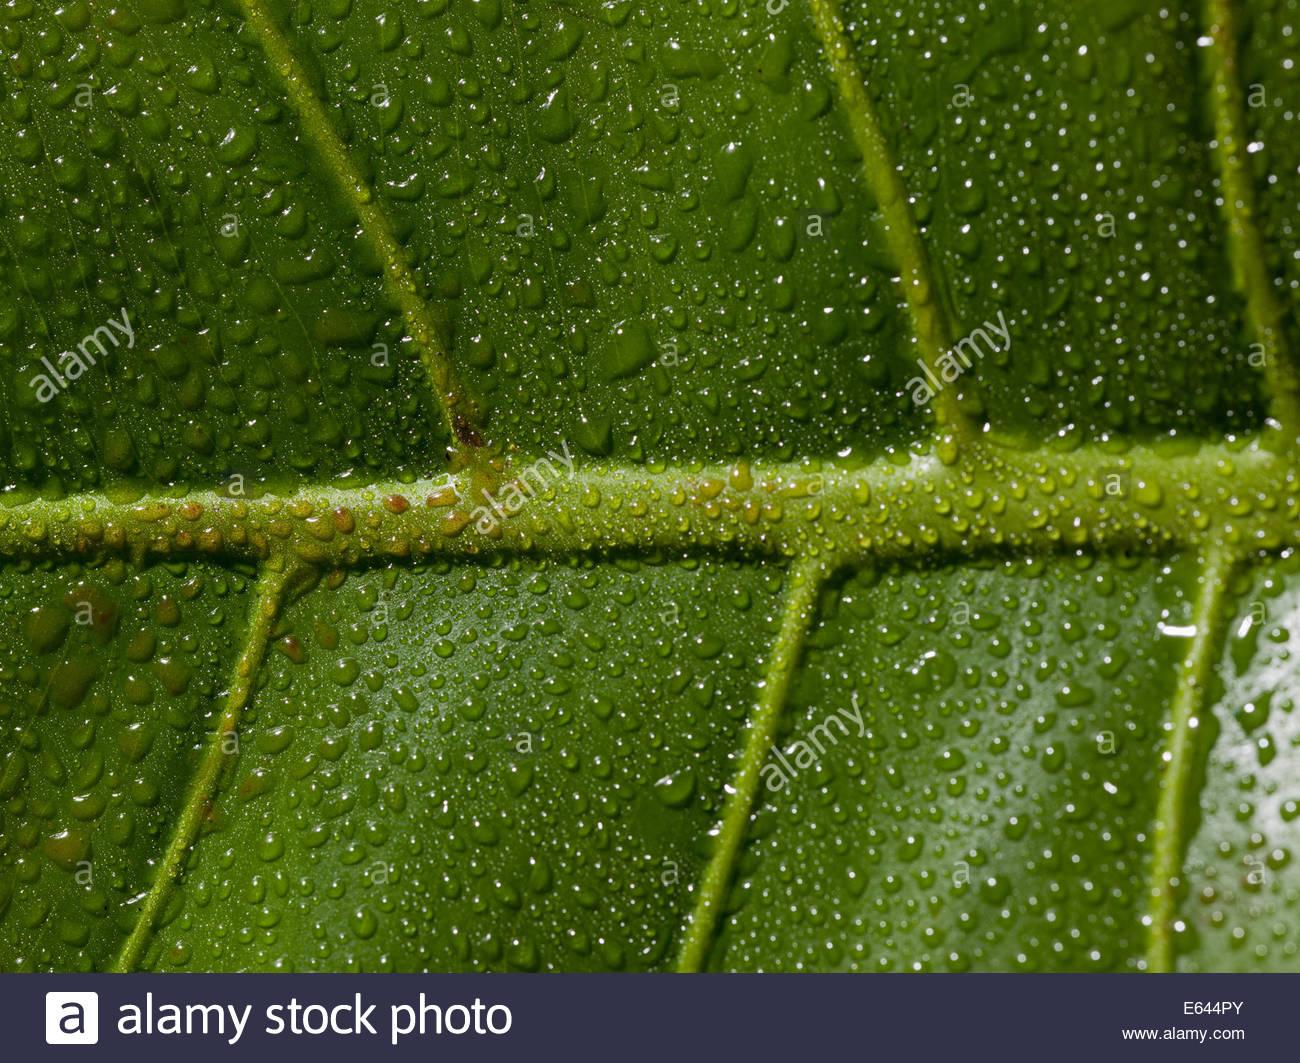 Cerca de gotas de rocío y venas de hoja verde Imagen De Stock